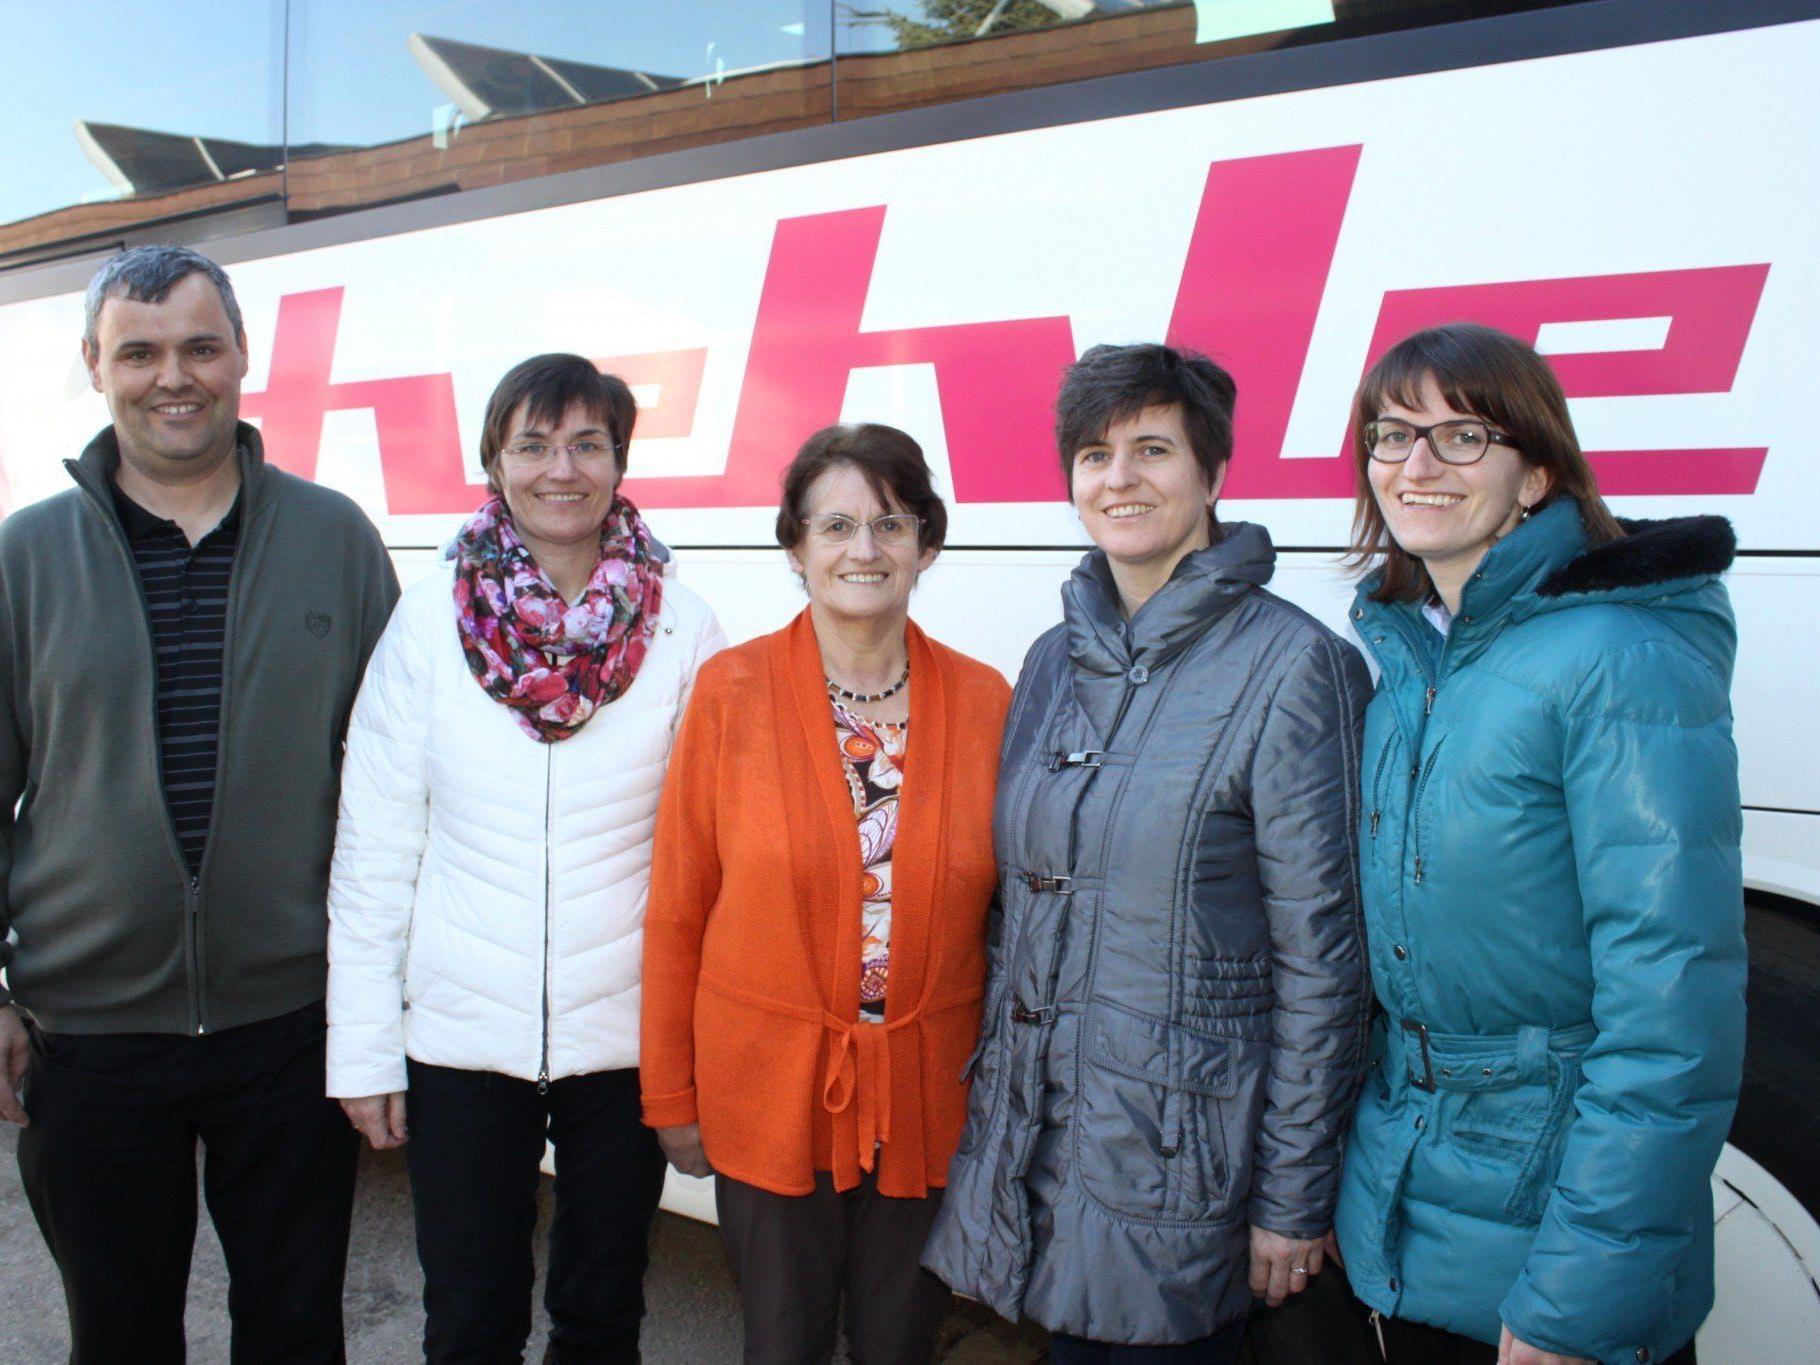 Konrad Bereuter, Elke Bereuter-Hehle, Senior-Chefin Hildegard Hehle, Marlis Hehle und Buchautorin Friederike Hehle feiern mit über 500 Kunden eine erfolgreiche Familiengeschichte.